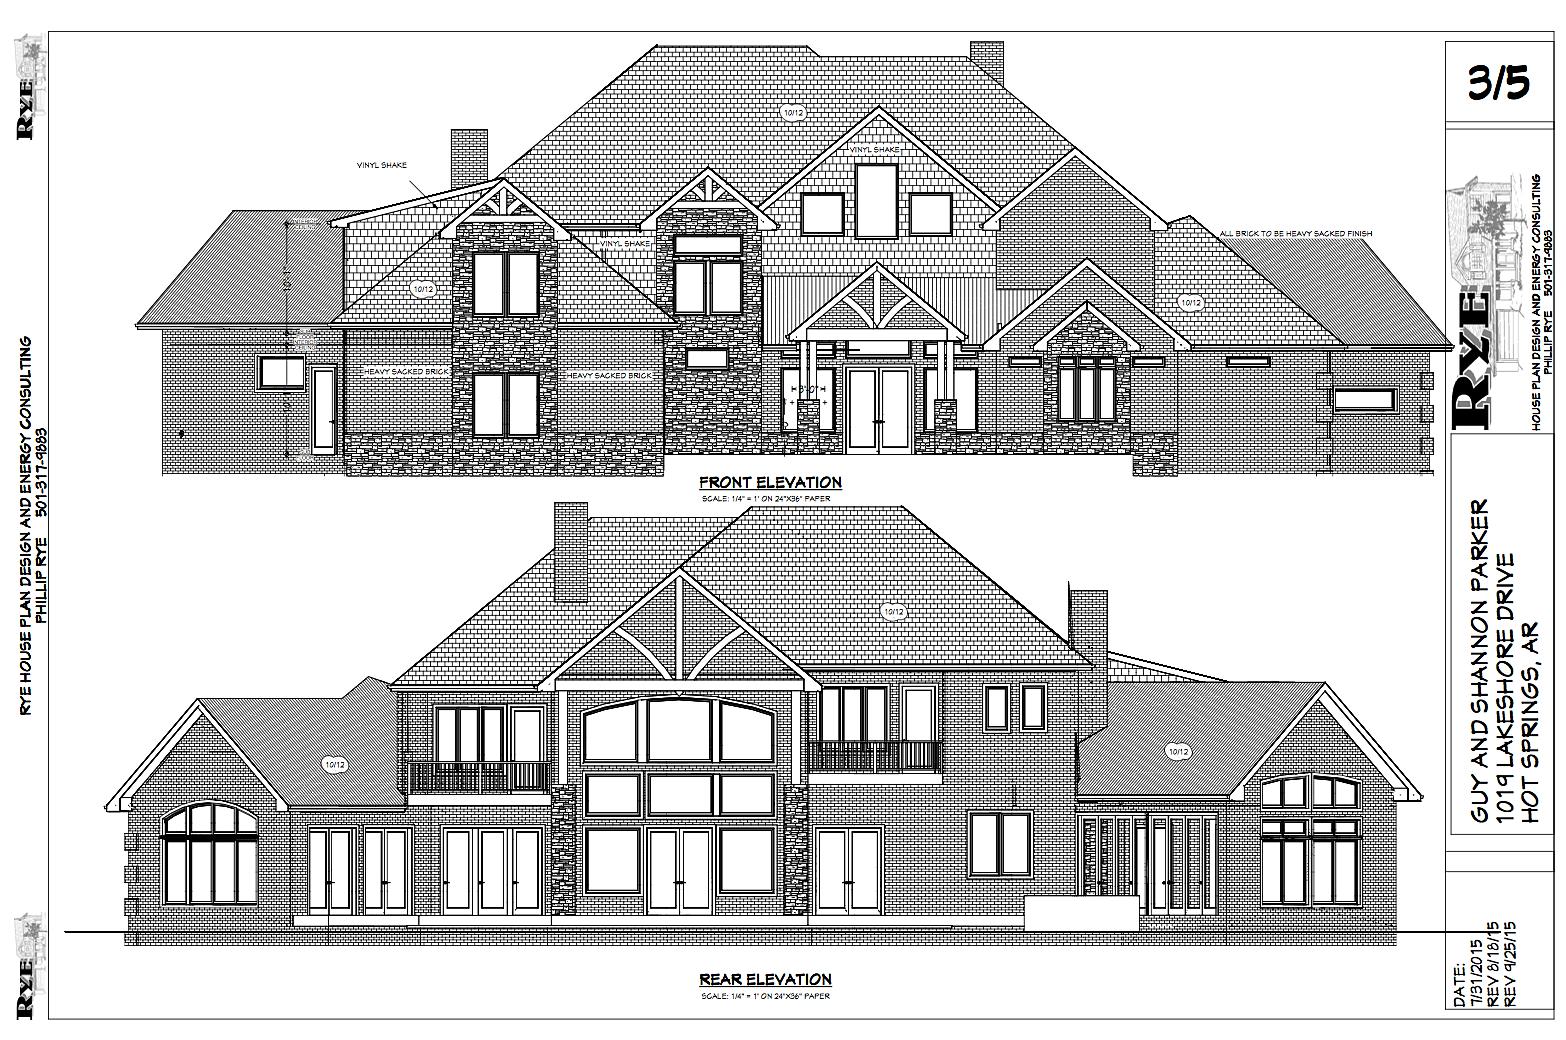 Rye energy efficient home builder benton arkansas bryant for Little rock custom home builders